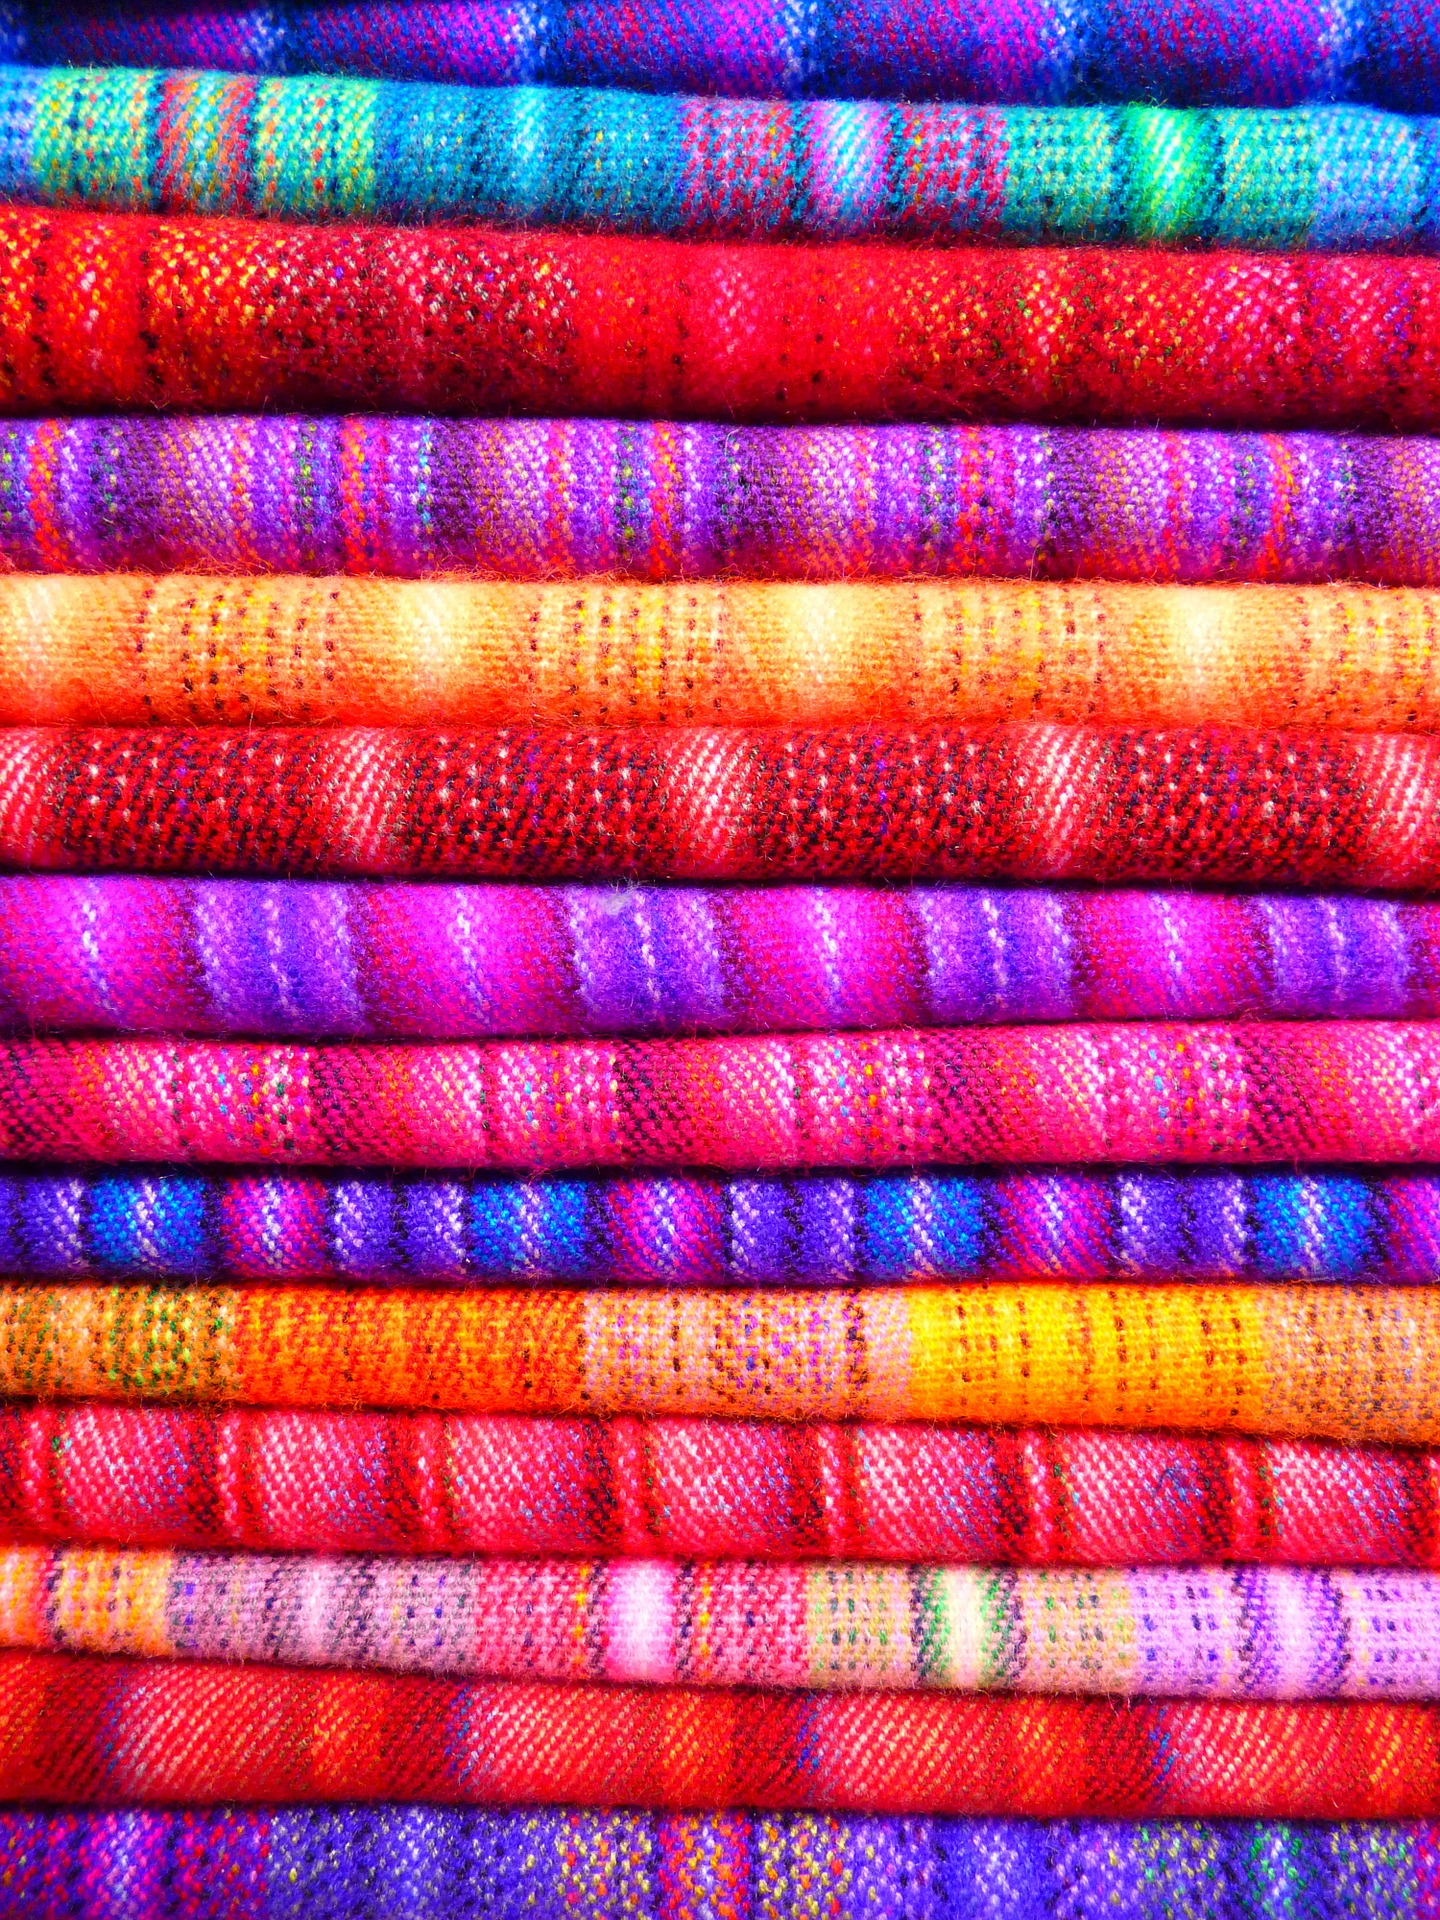 织物, 颜色, 染色, 服装, 设置 - 高清壁纸 - 教授-falken.com